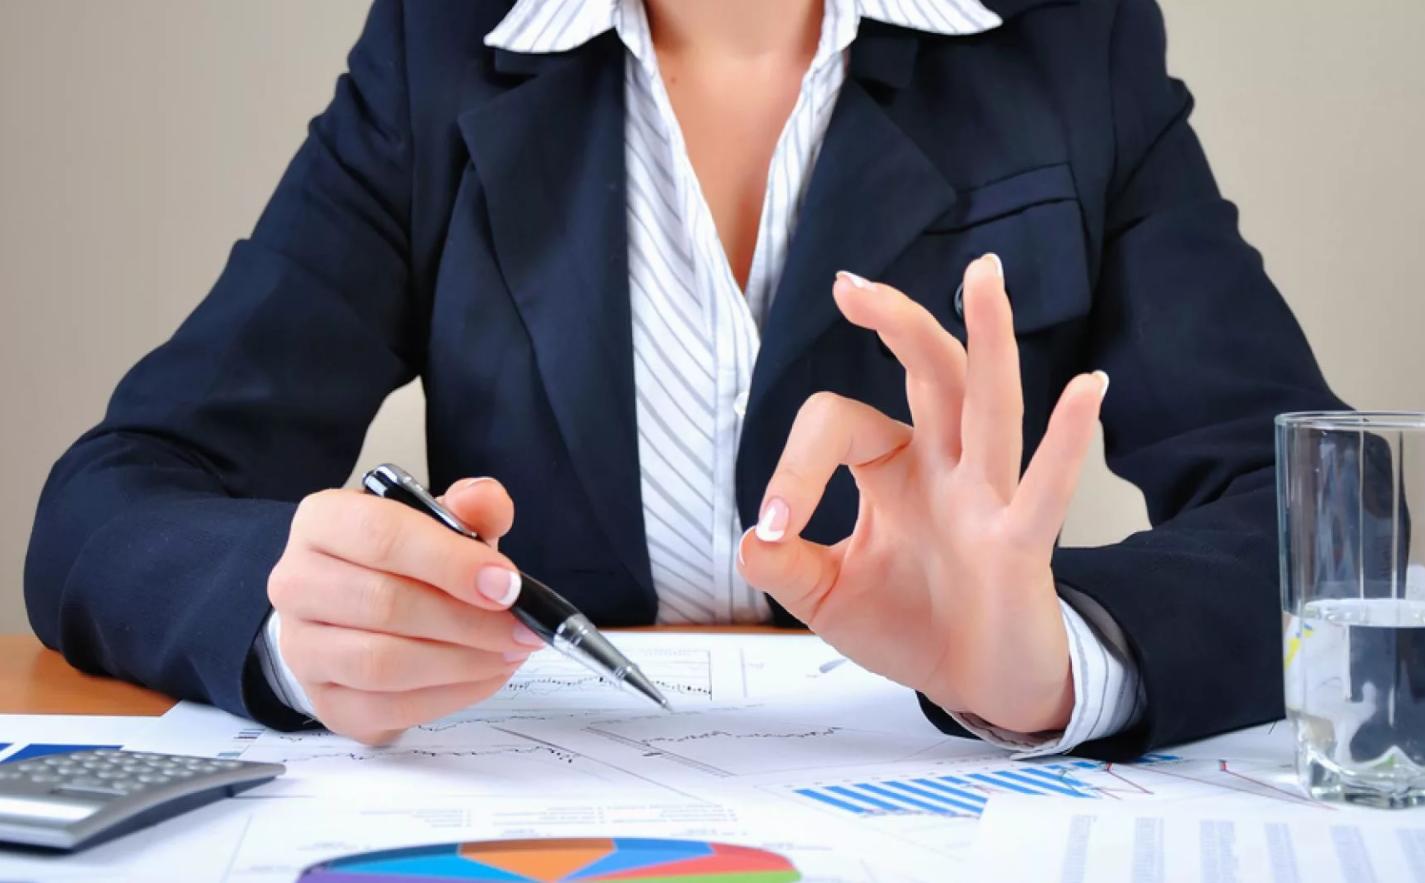 Бухгалтерский аутсорсинг: можно ли доверять?